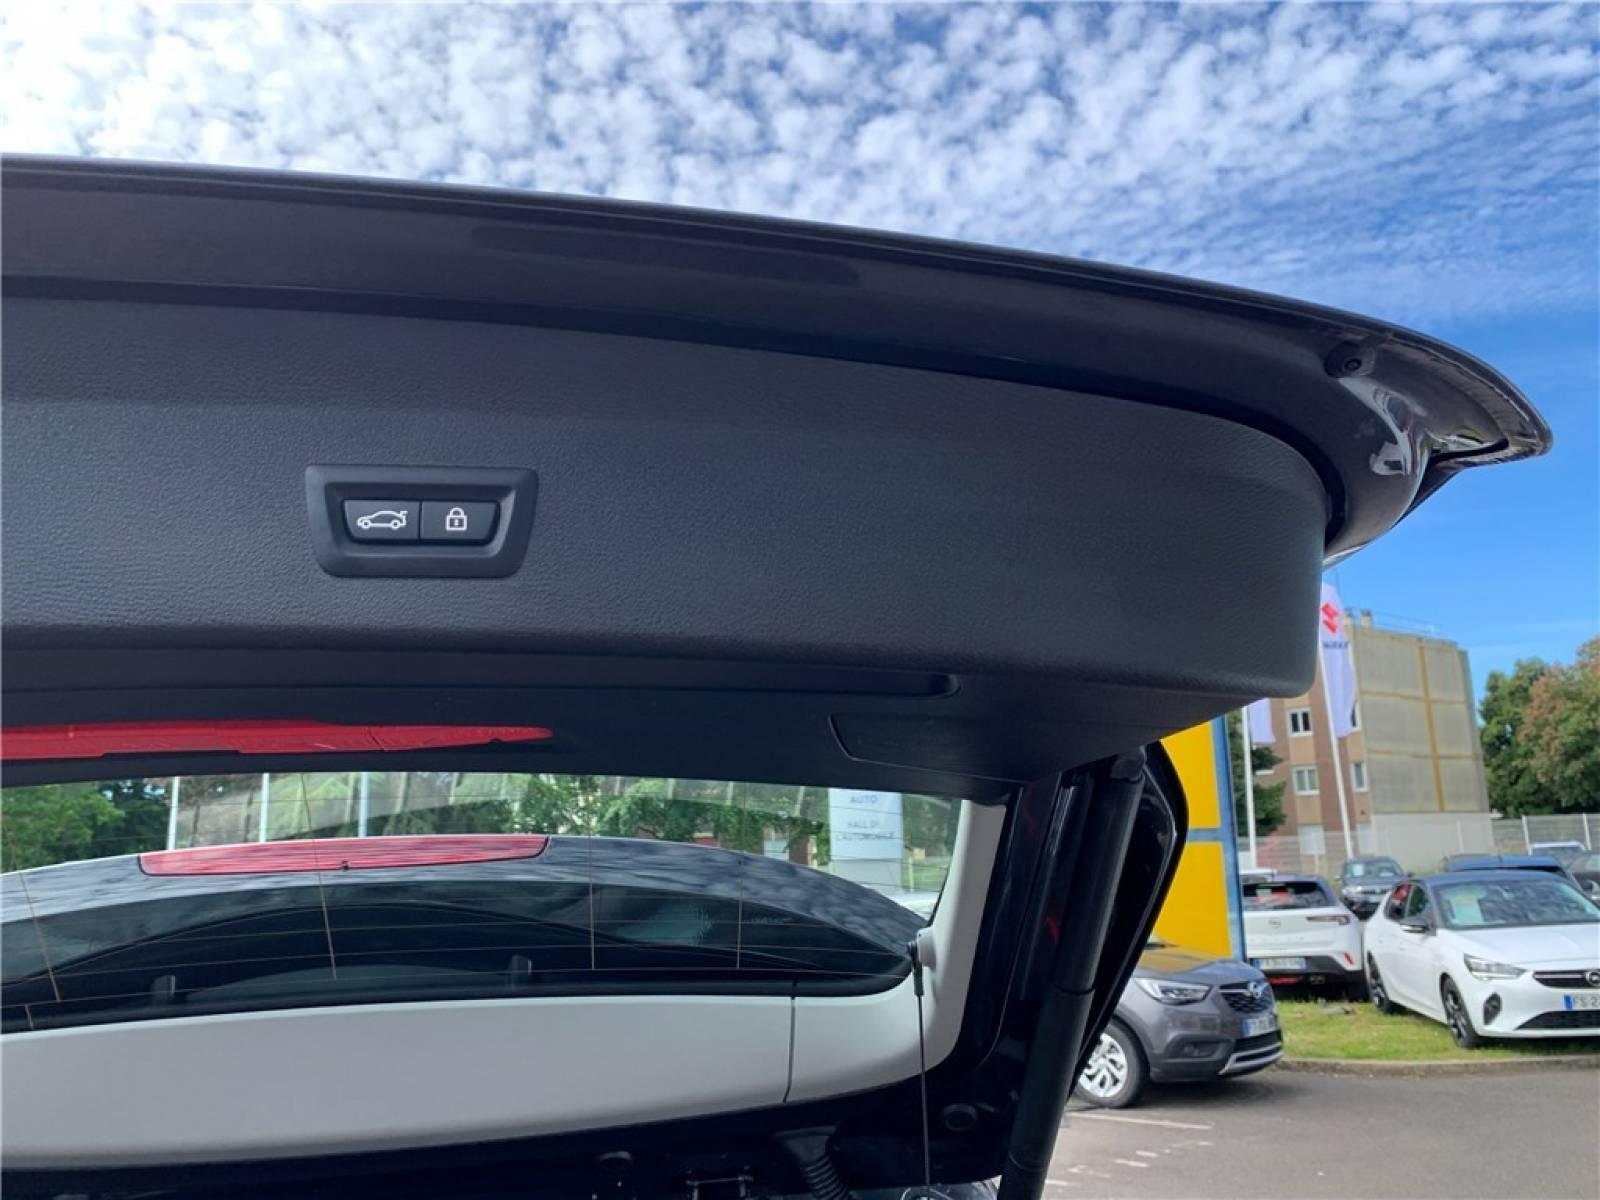 BMW X1 sDrive 18d 150 ch - véhicule d'occasion - Groupe Guillet - Hyundai - Zenith Motors – Montceau-les-Mines - 71300 - Montceau-les-Mines - 8